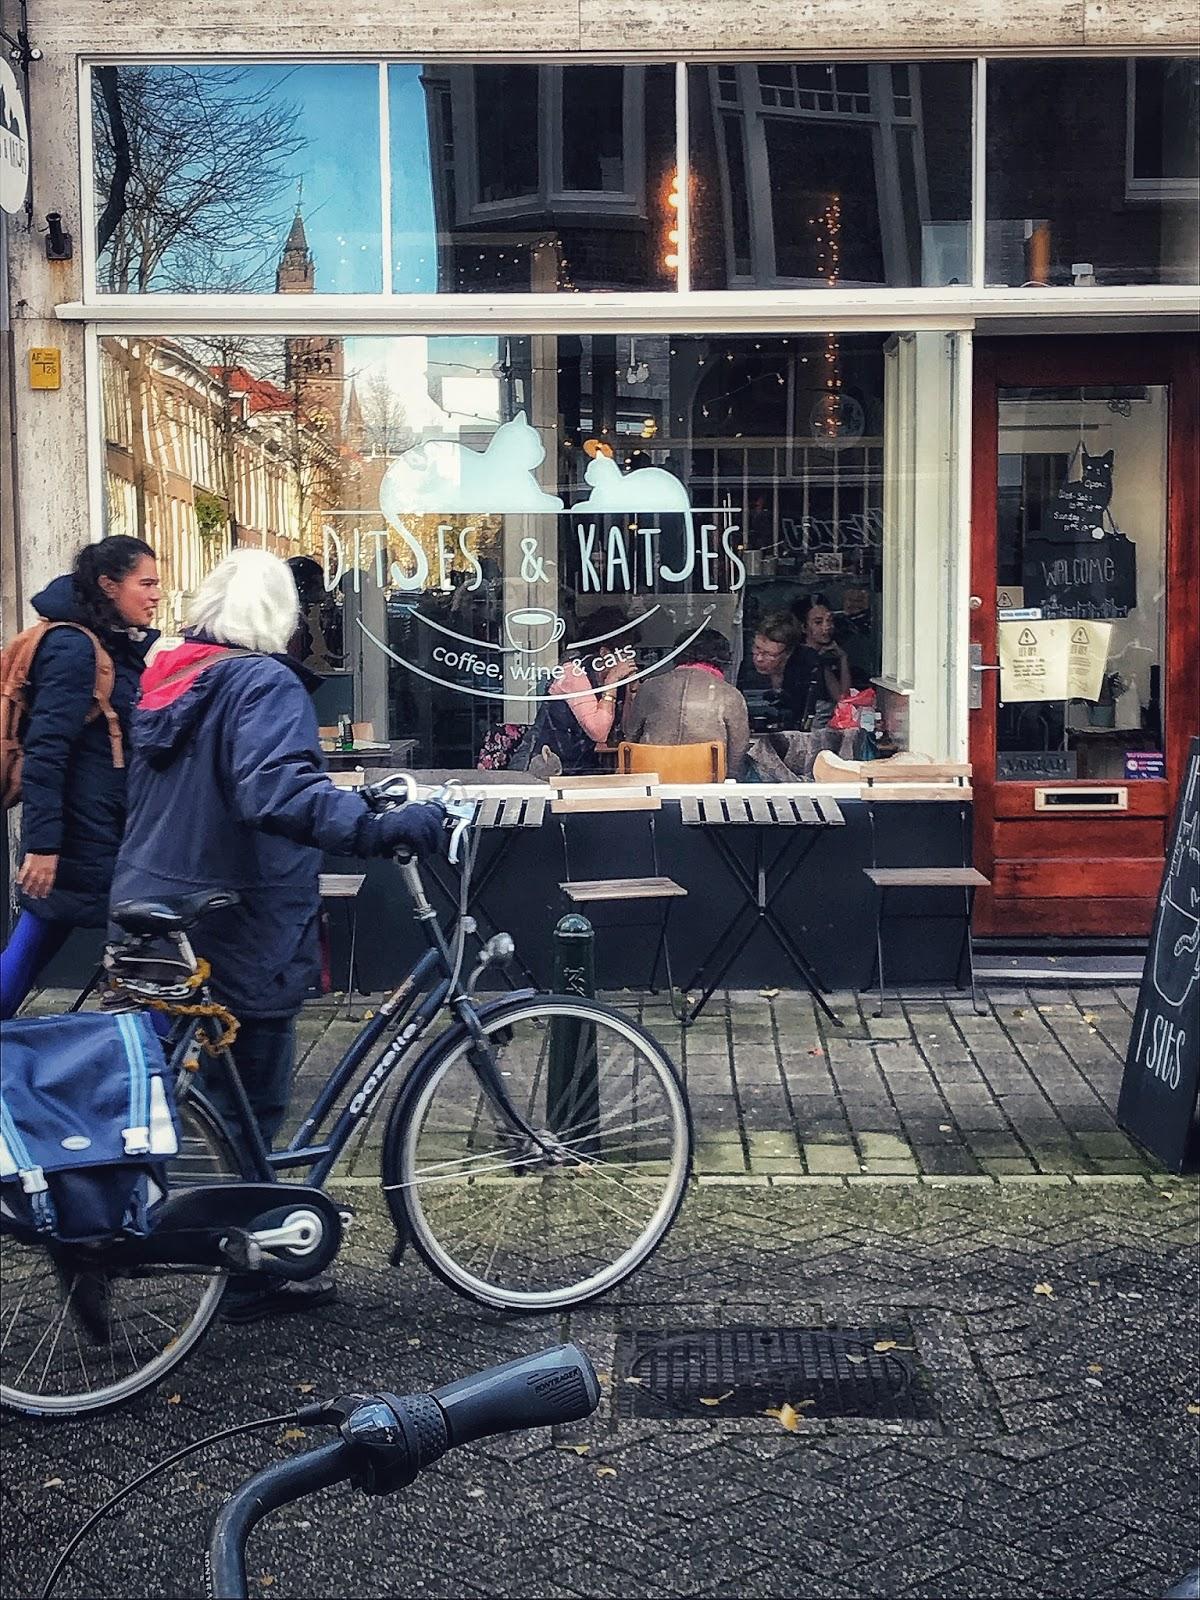 Ditses & Katjes The Hague Netherlands